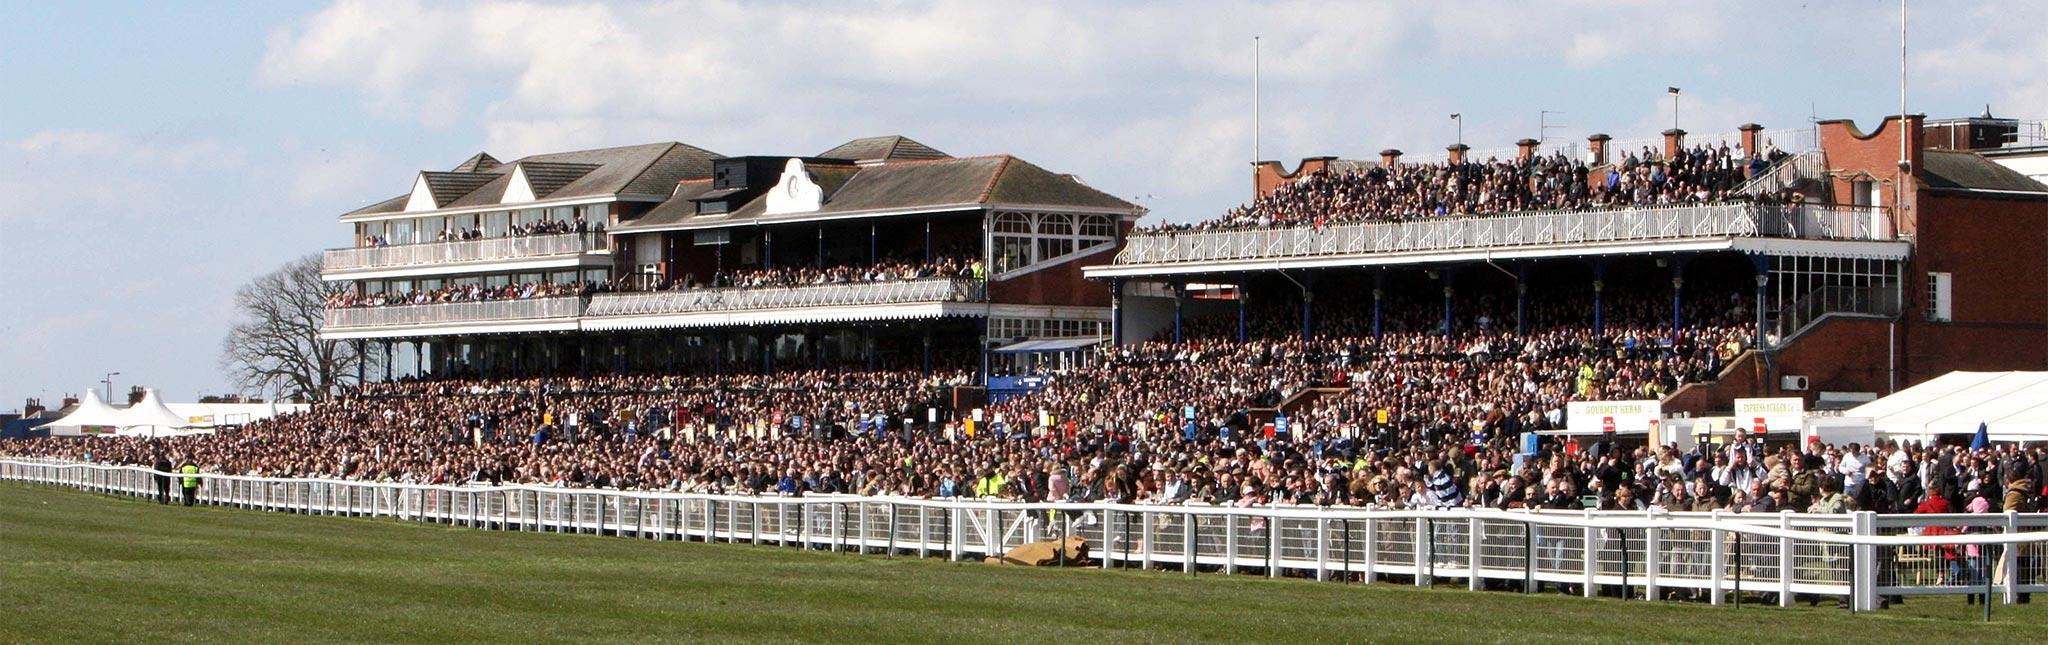 AYRSHIRE_ayr_racecourse.jpg